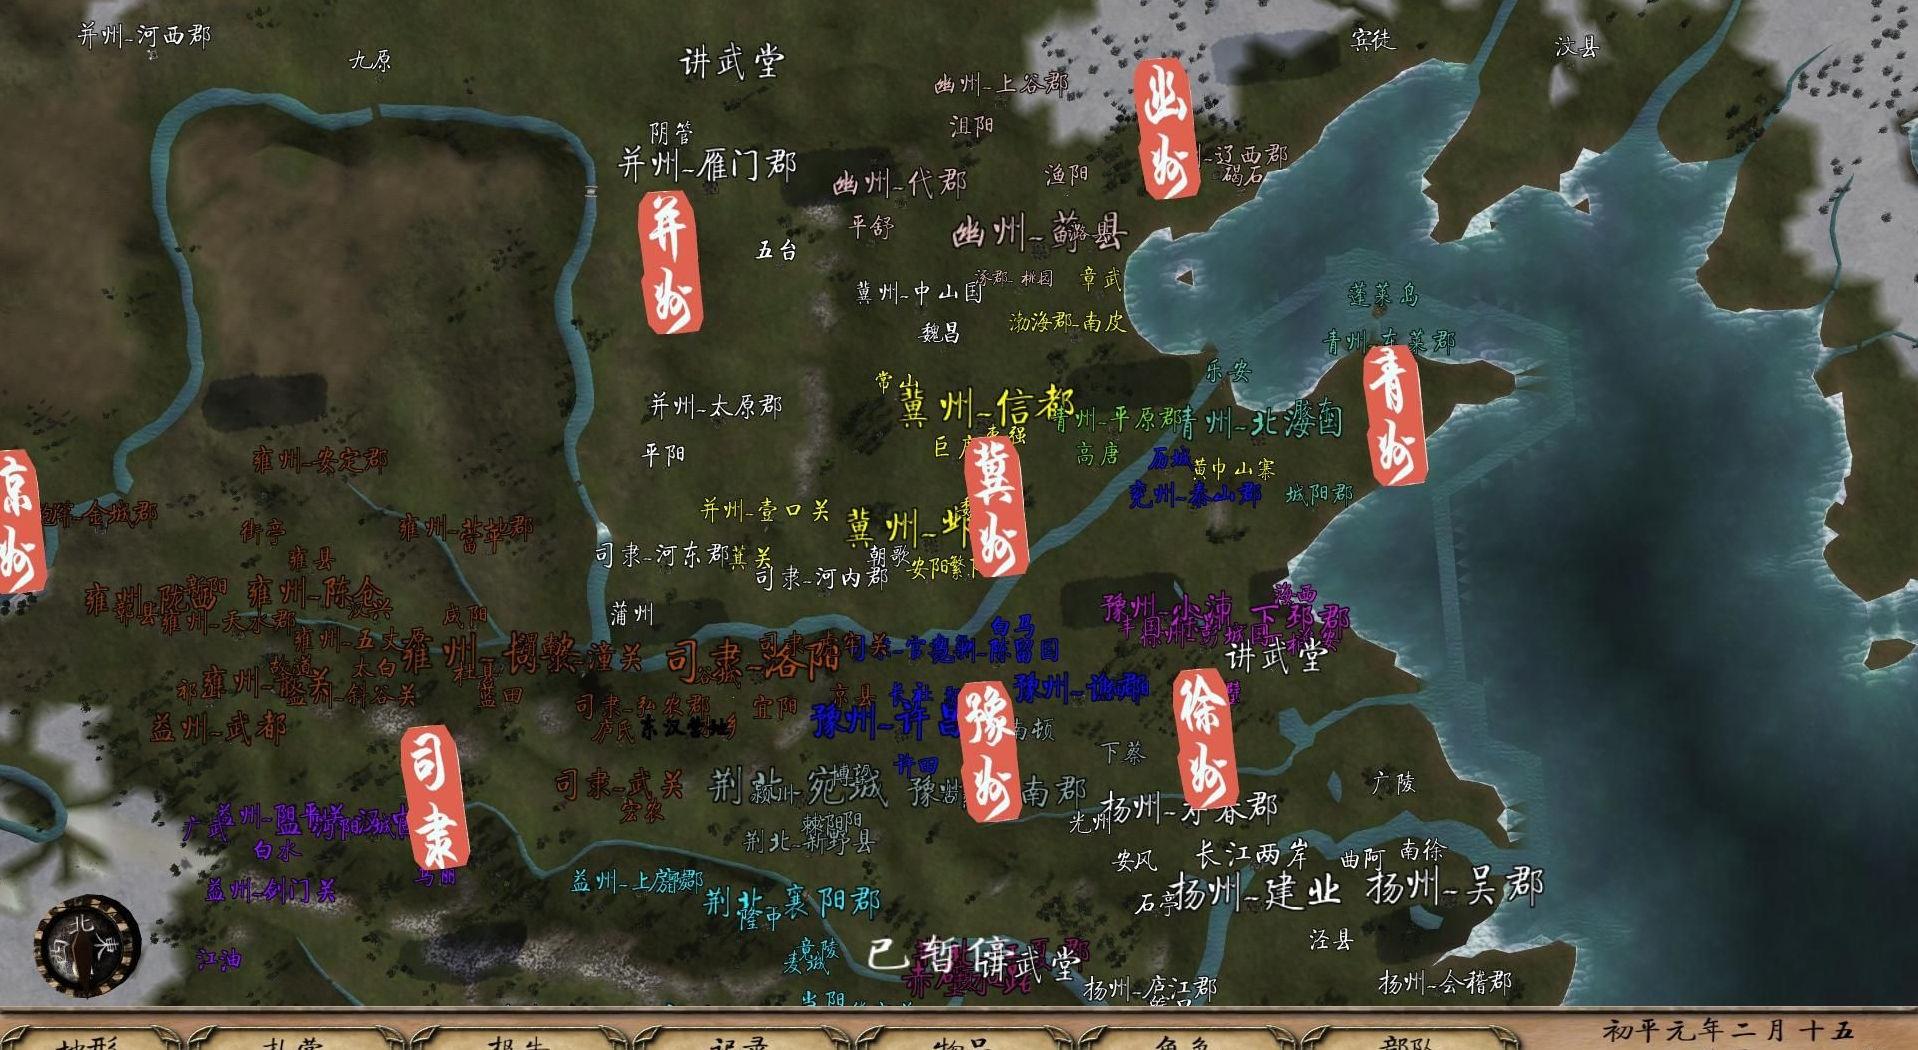 软件下载 电脑游戏 mod存档地图 骑马与砍杀战团mod:七七三国黄巾之乱